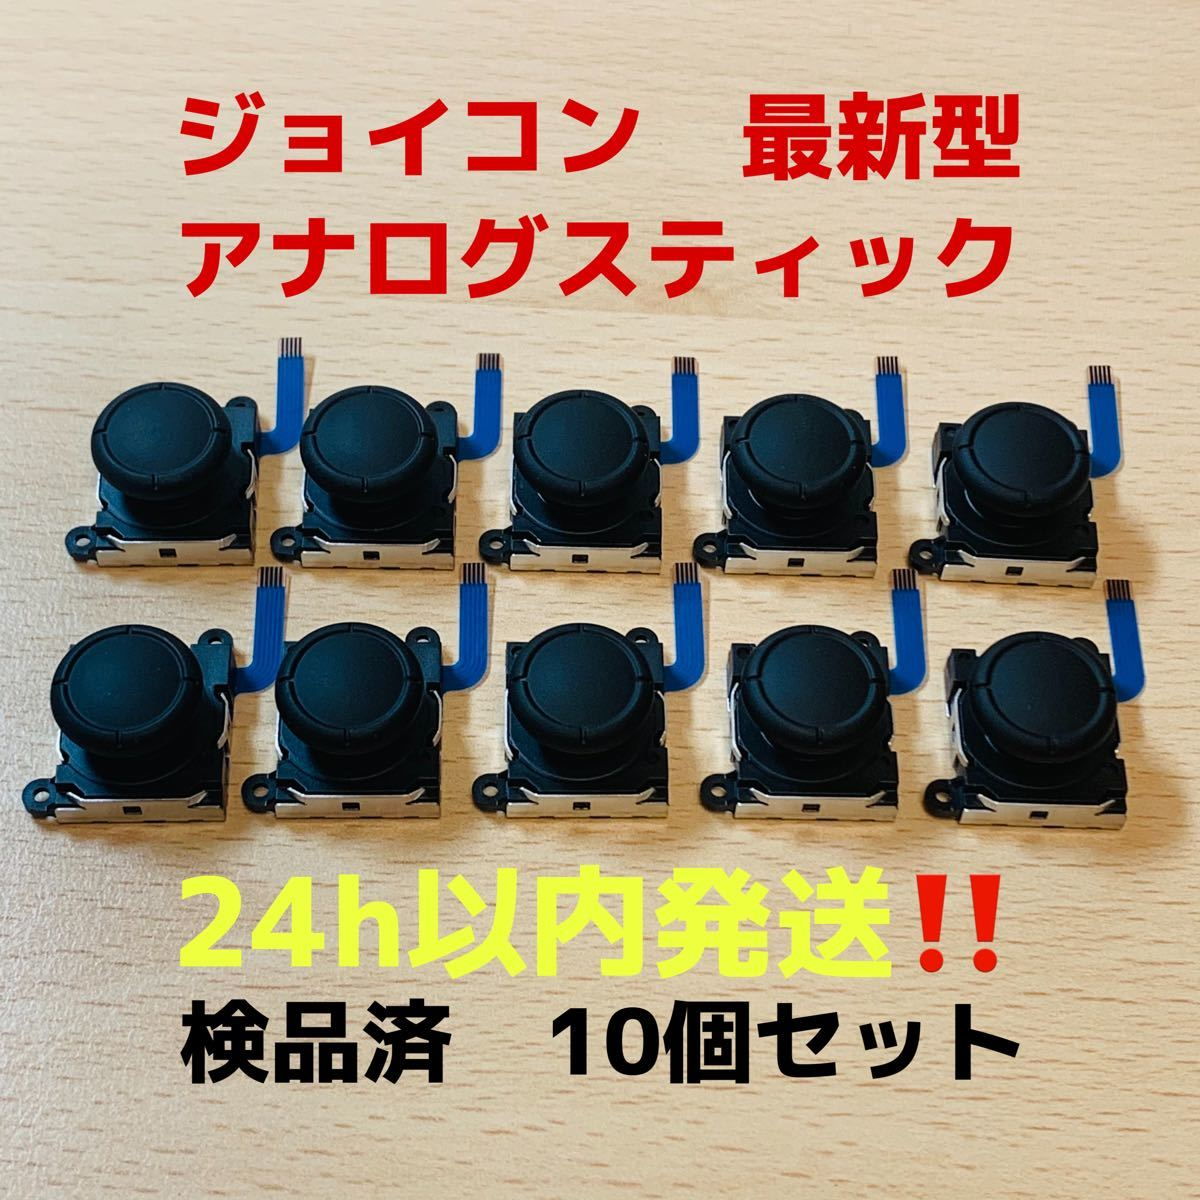 即日発送 新品 10個 ニンテンドースイッチジョイコン 最新型 アナログスティック Joy-Con Switch